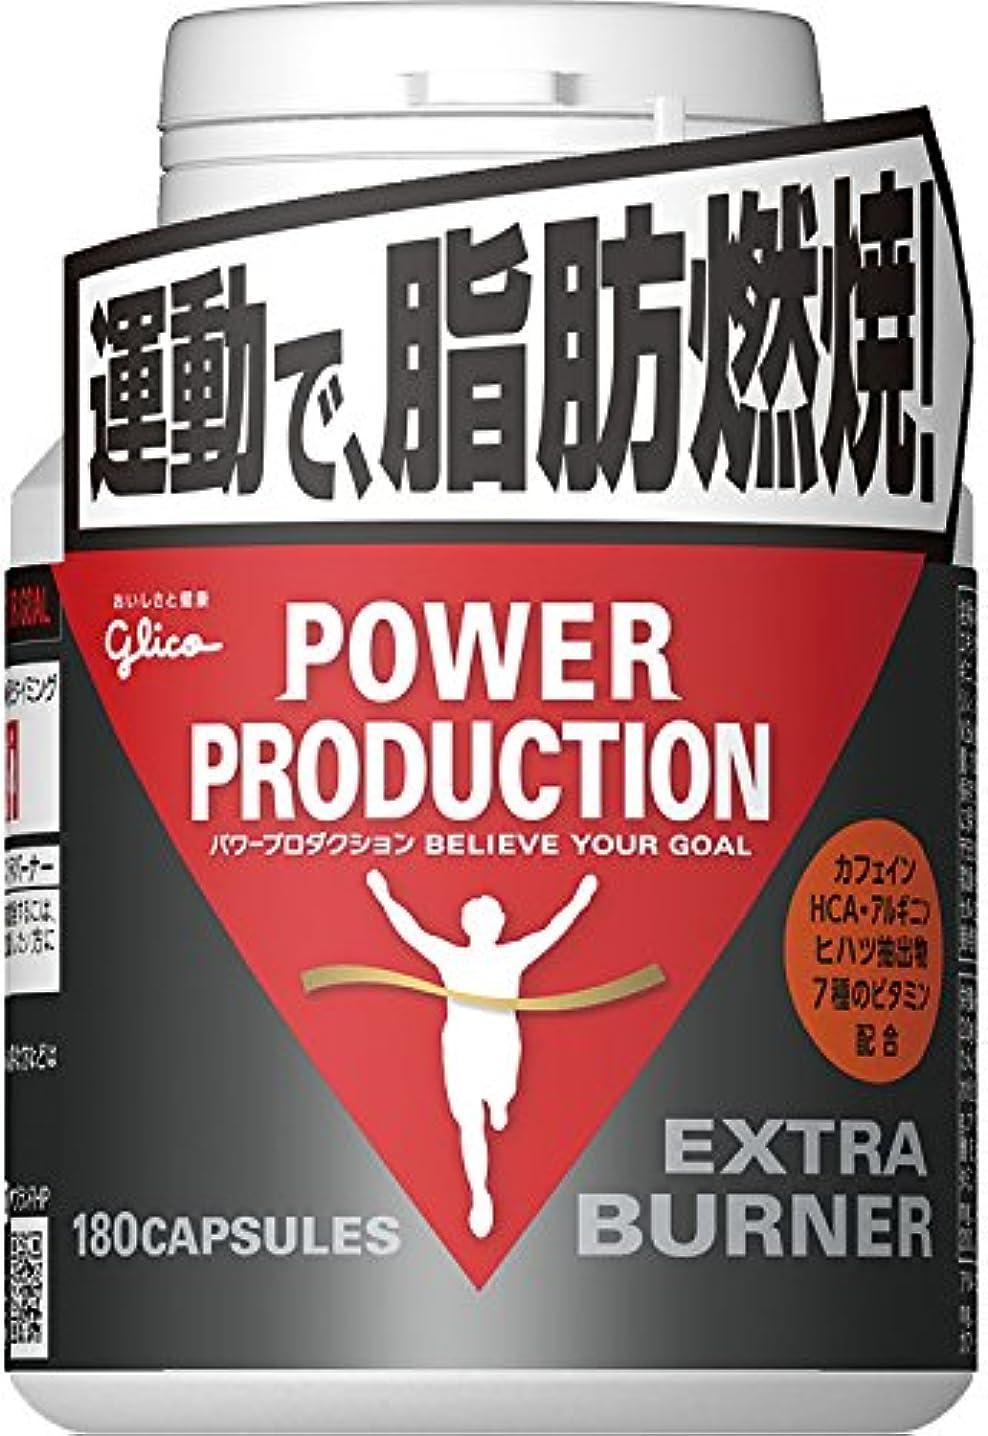 恥舌食器棚グリコ パワープロダクション エキストラ バーナー サプリメント 180粒【使用目安 約30日分】